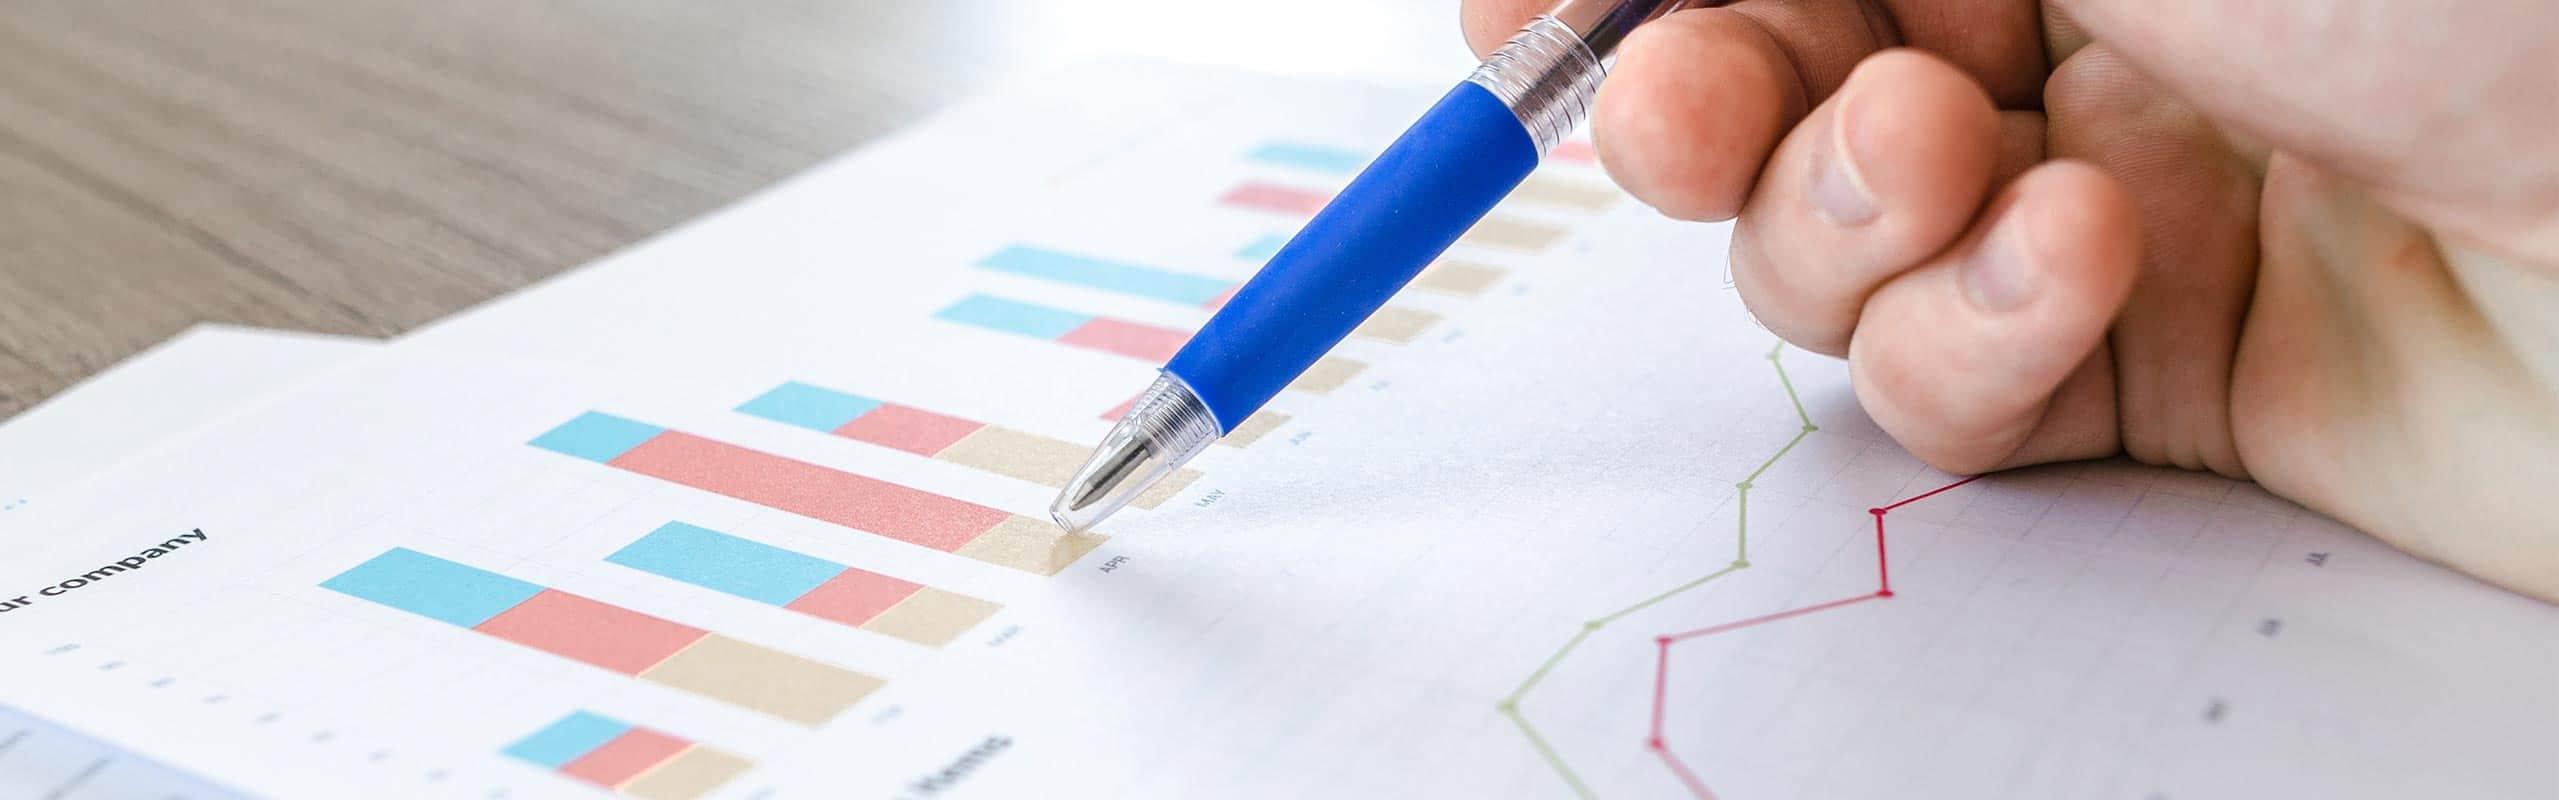 Un estudio de mercado es una herramienta imprescindible para algunas acciones empresariales. Conócelo en profundidad